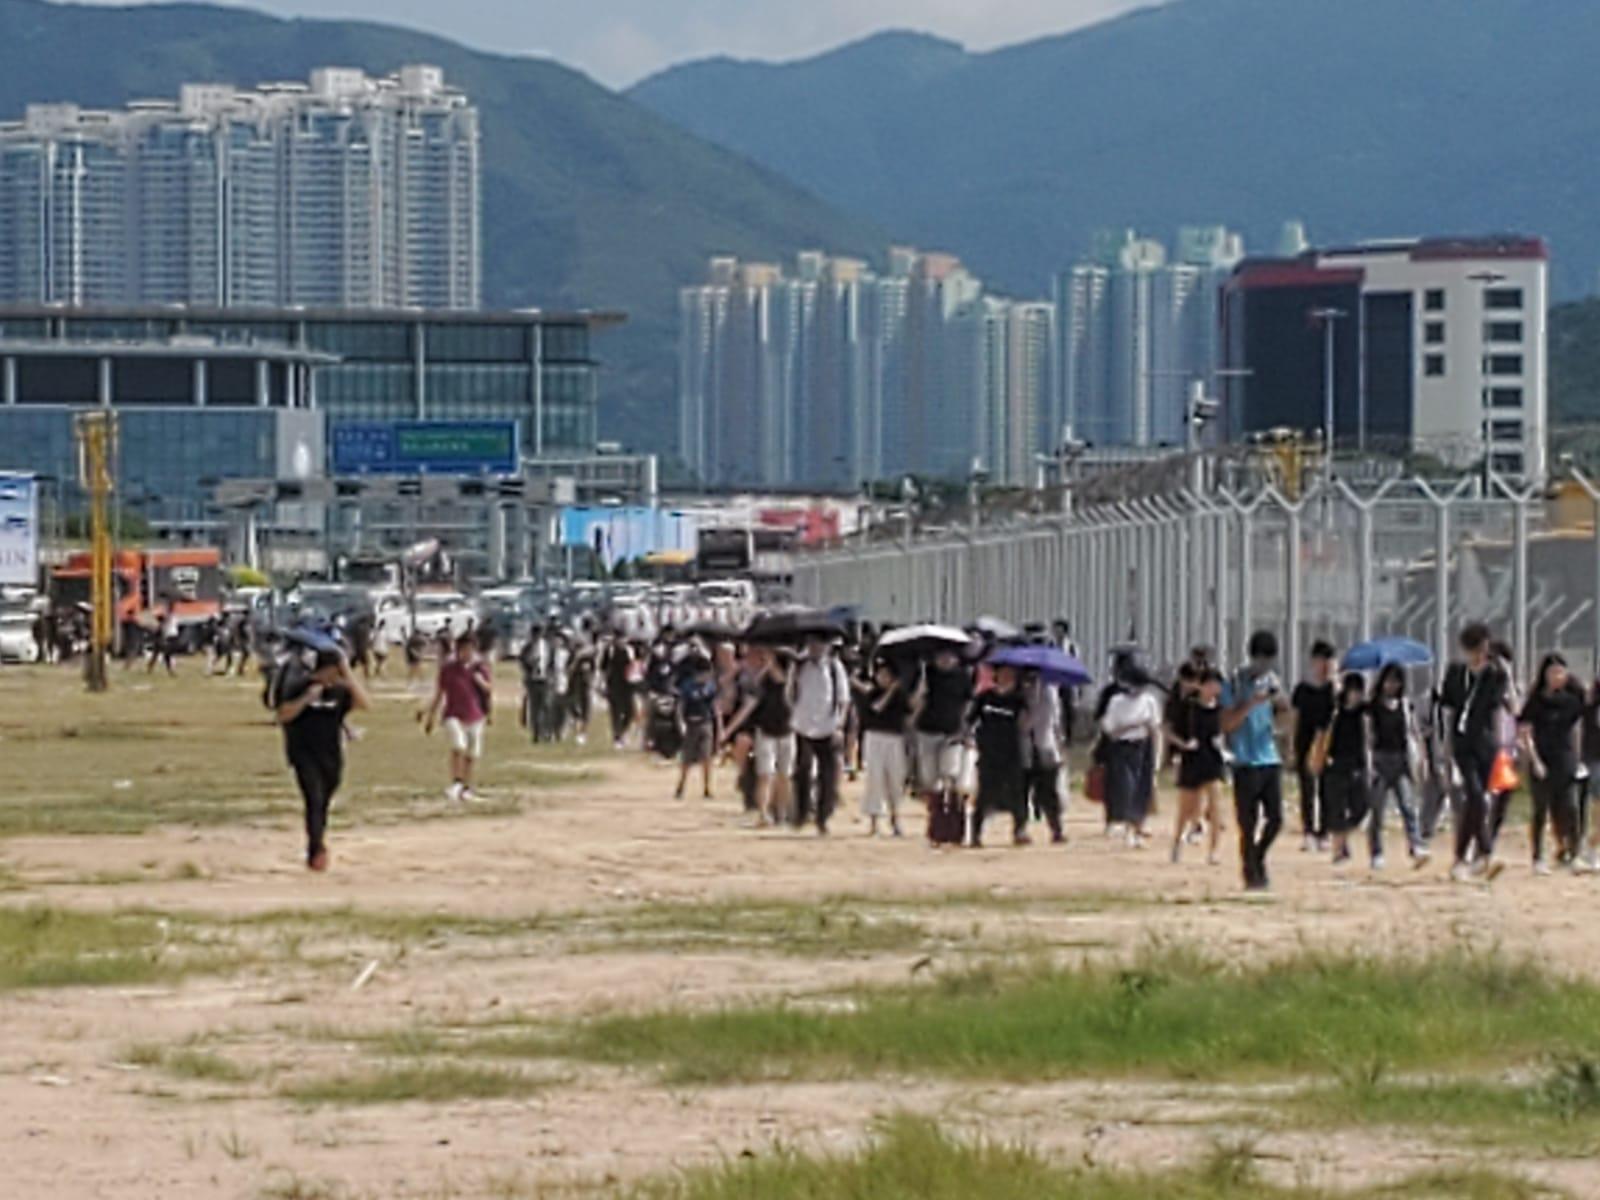 大批市民步行入機場。 梁國峰攝